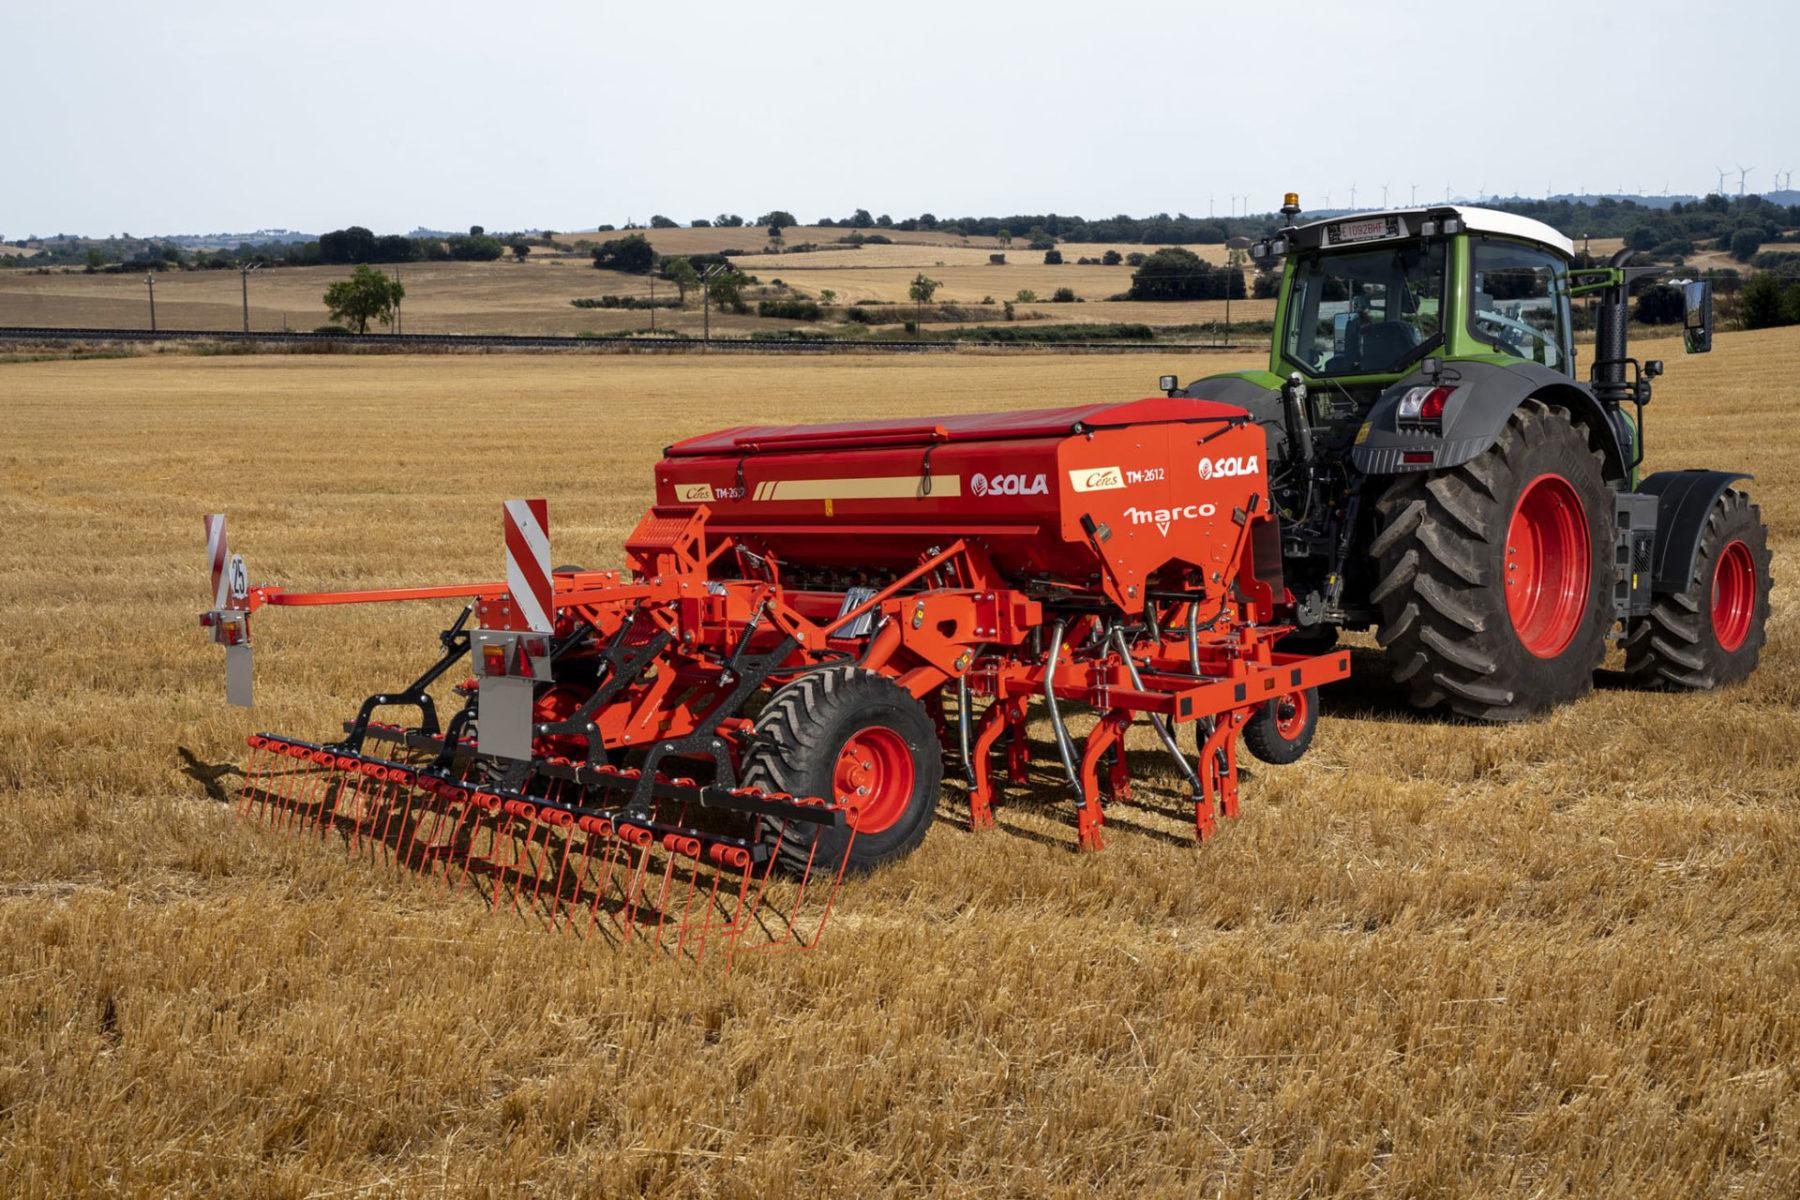 Tipos-de-sembradoras-marco-maquinaria